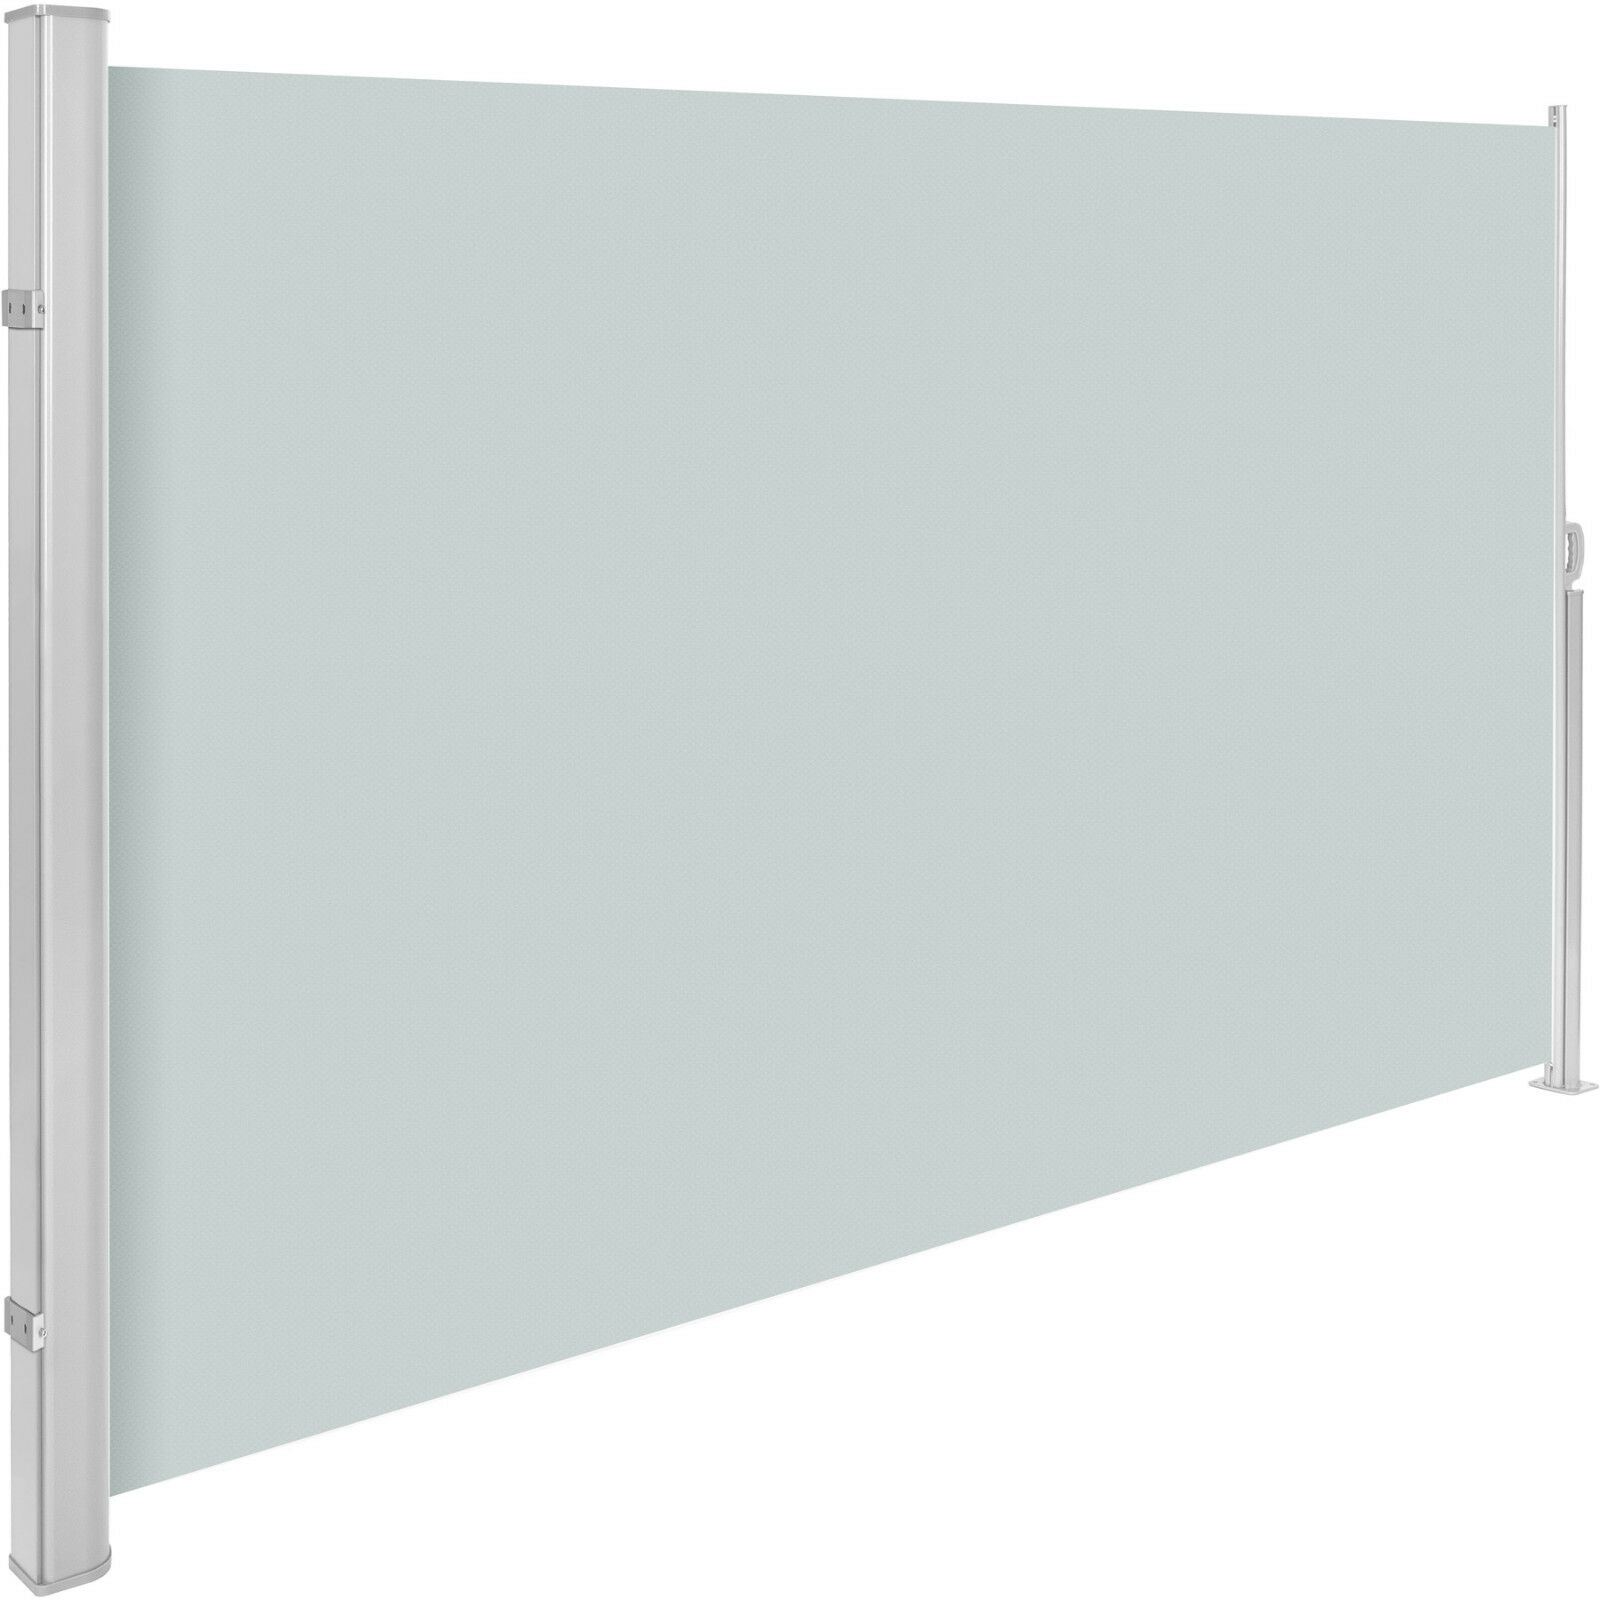 Seitenmarkise Sonnenschutz Sichtschutz Windschutz Alu Terrasse UV grau